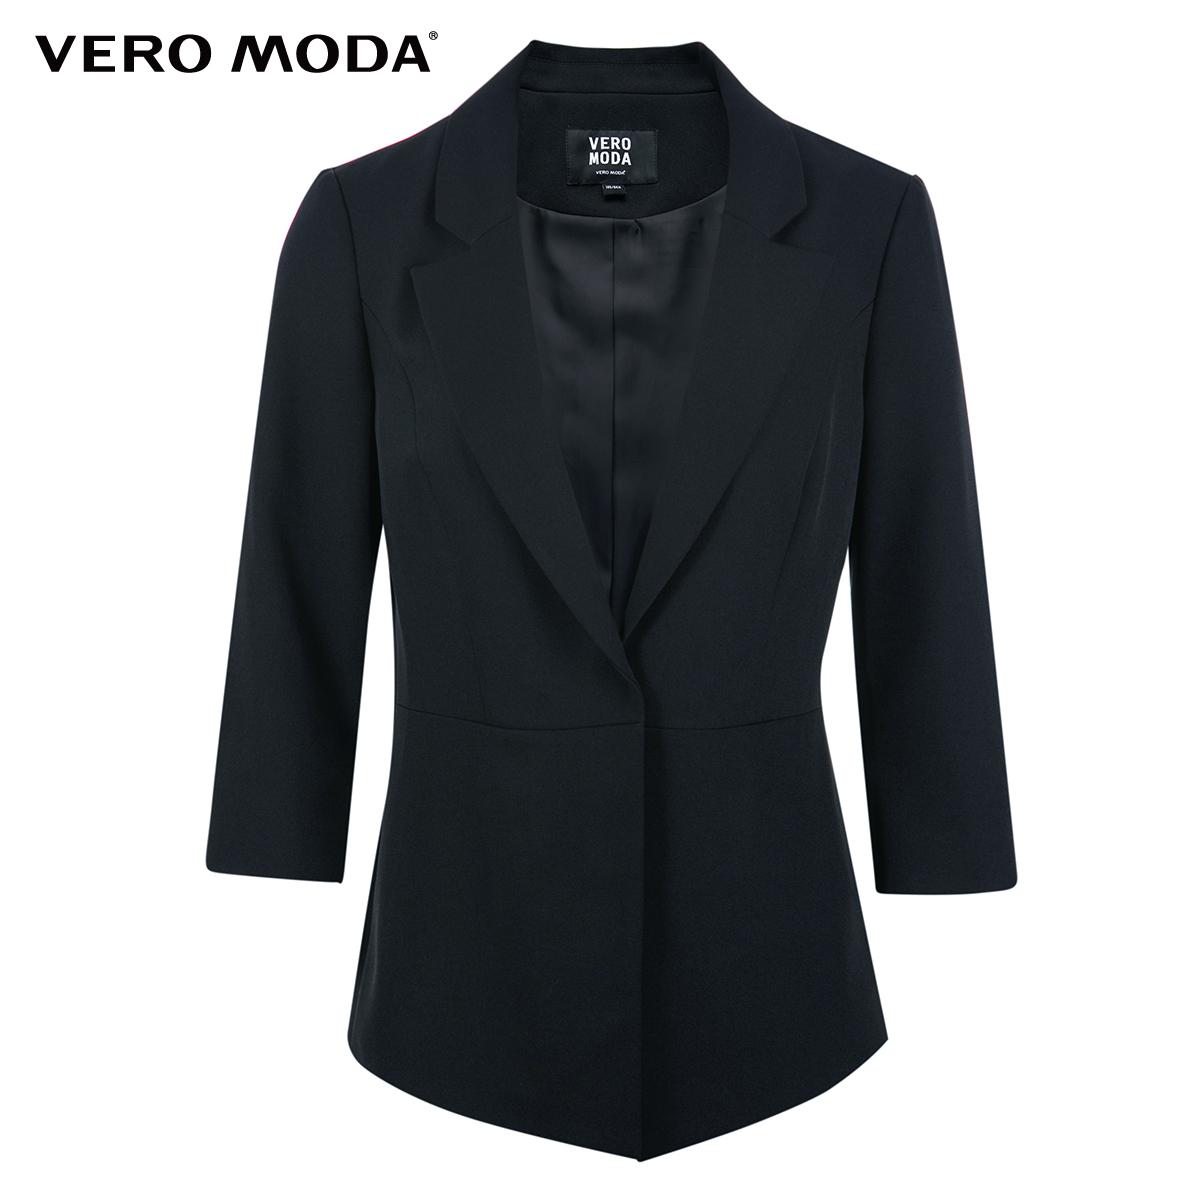 Blazer VERO MODA 316308534 VeroModa